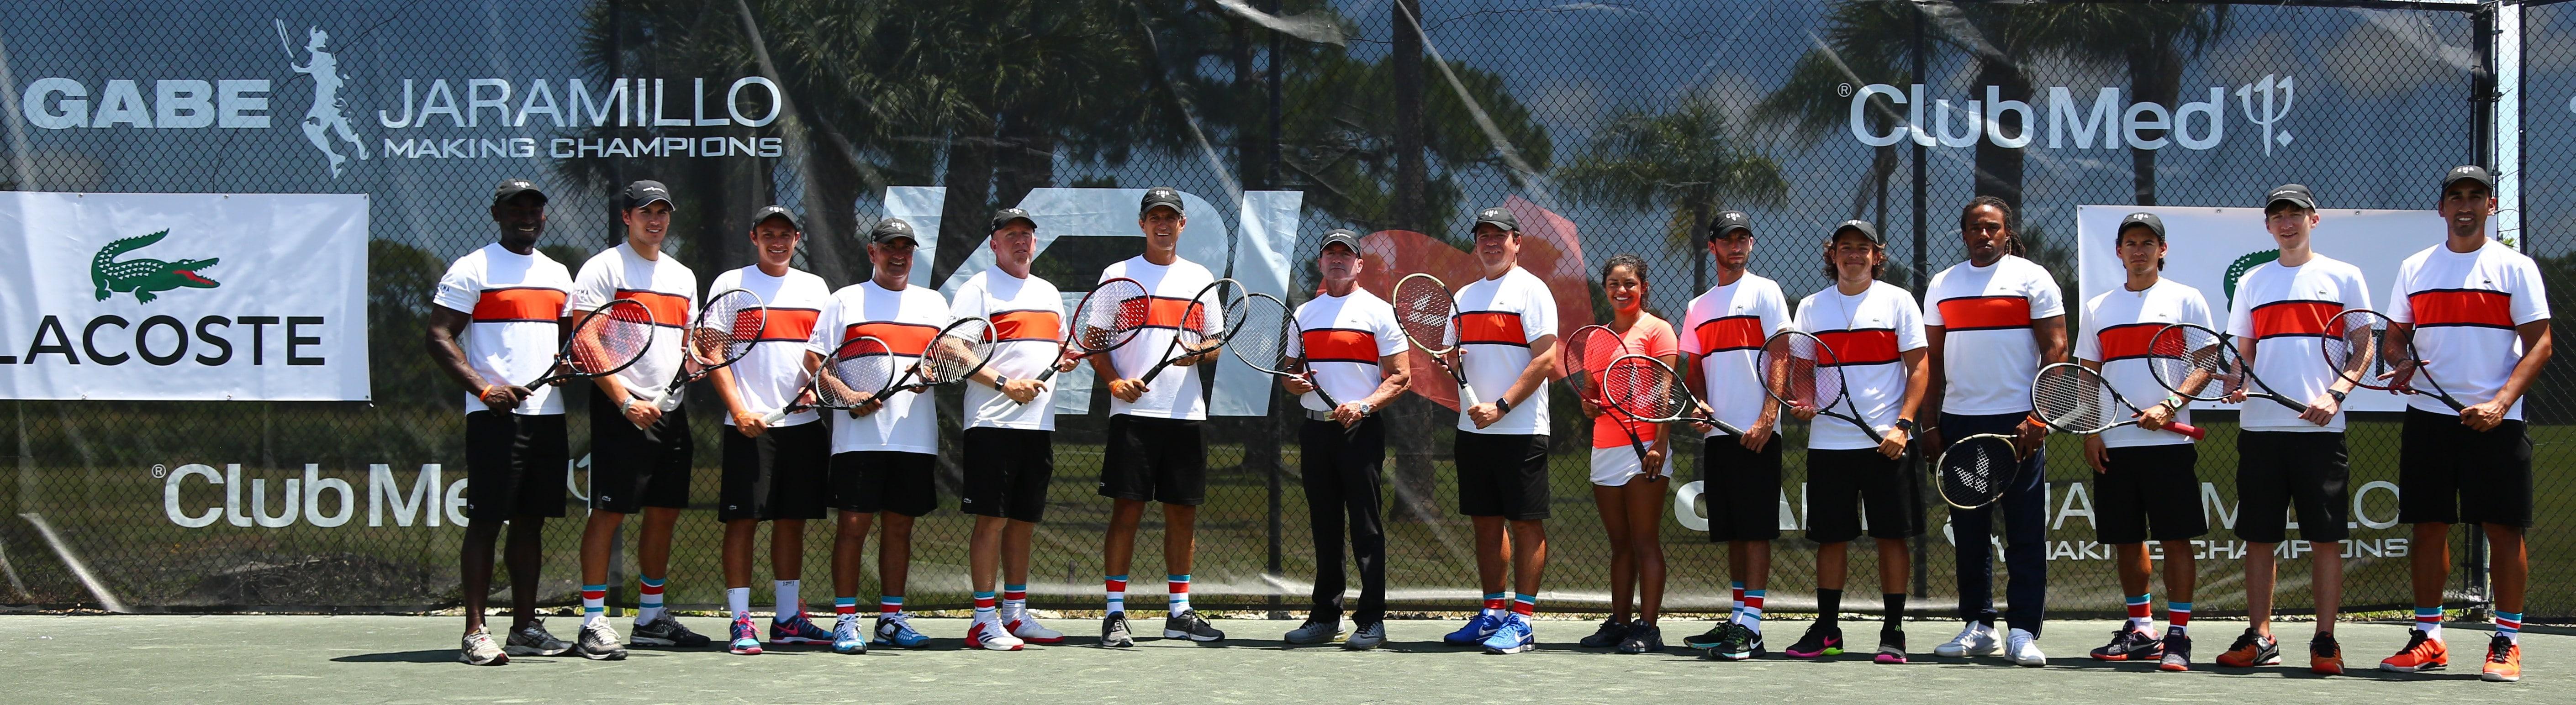 Club Med Academies Top Tennis Coaches